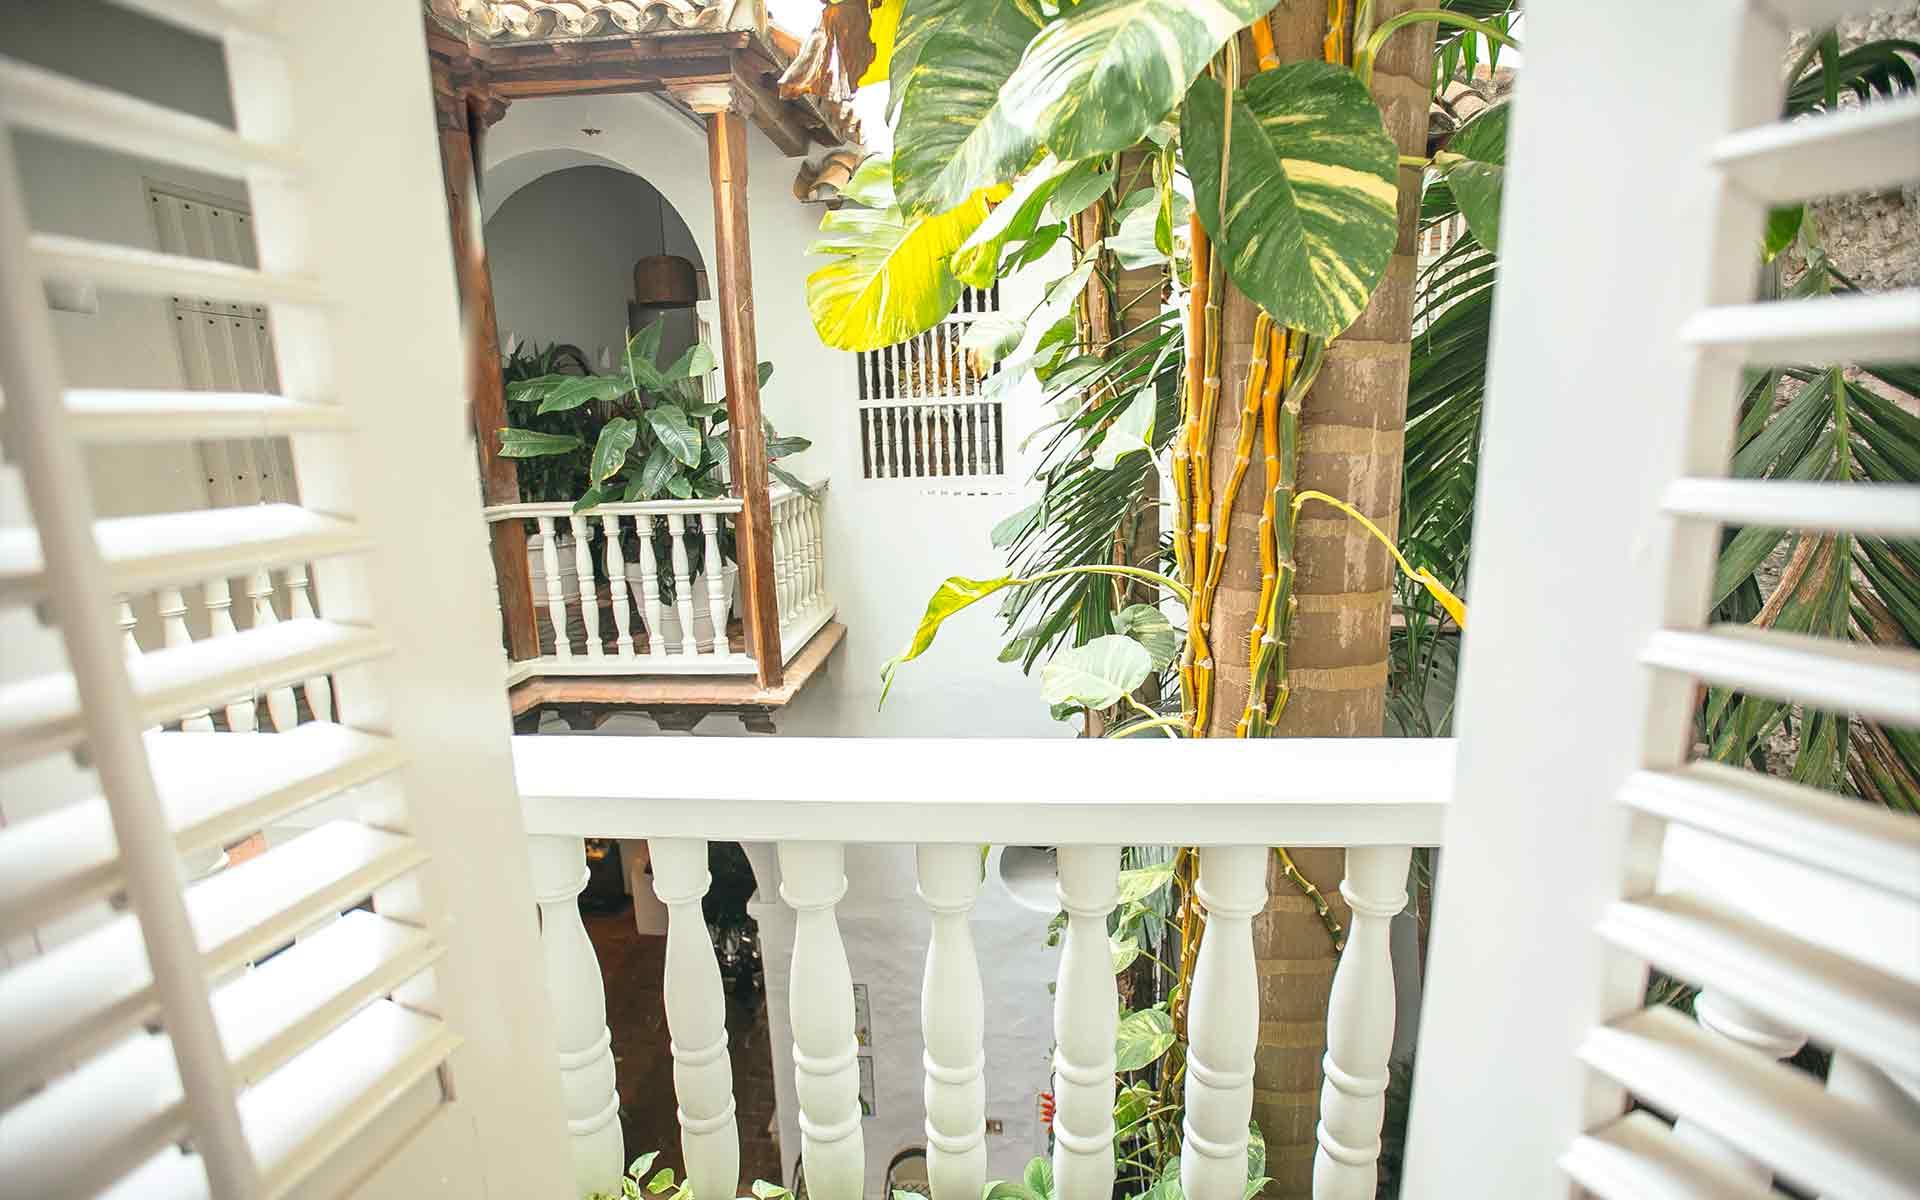 Vista desde el balcón al patio interior con palmera enorme desde la habitación Toucan en Amarla en Cartagena